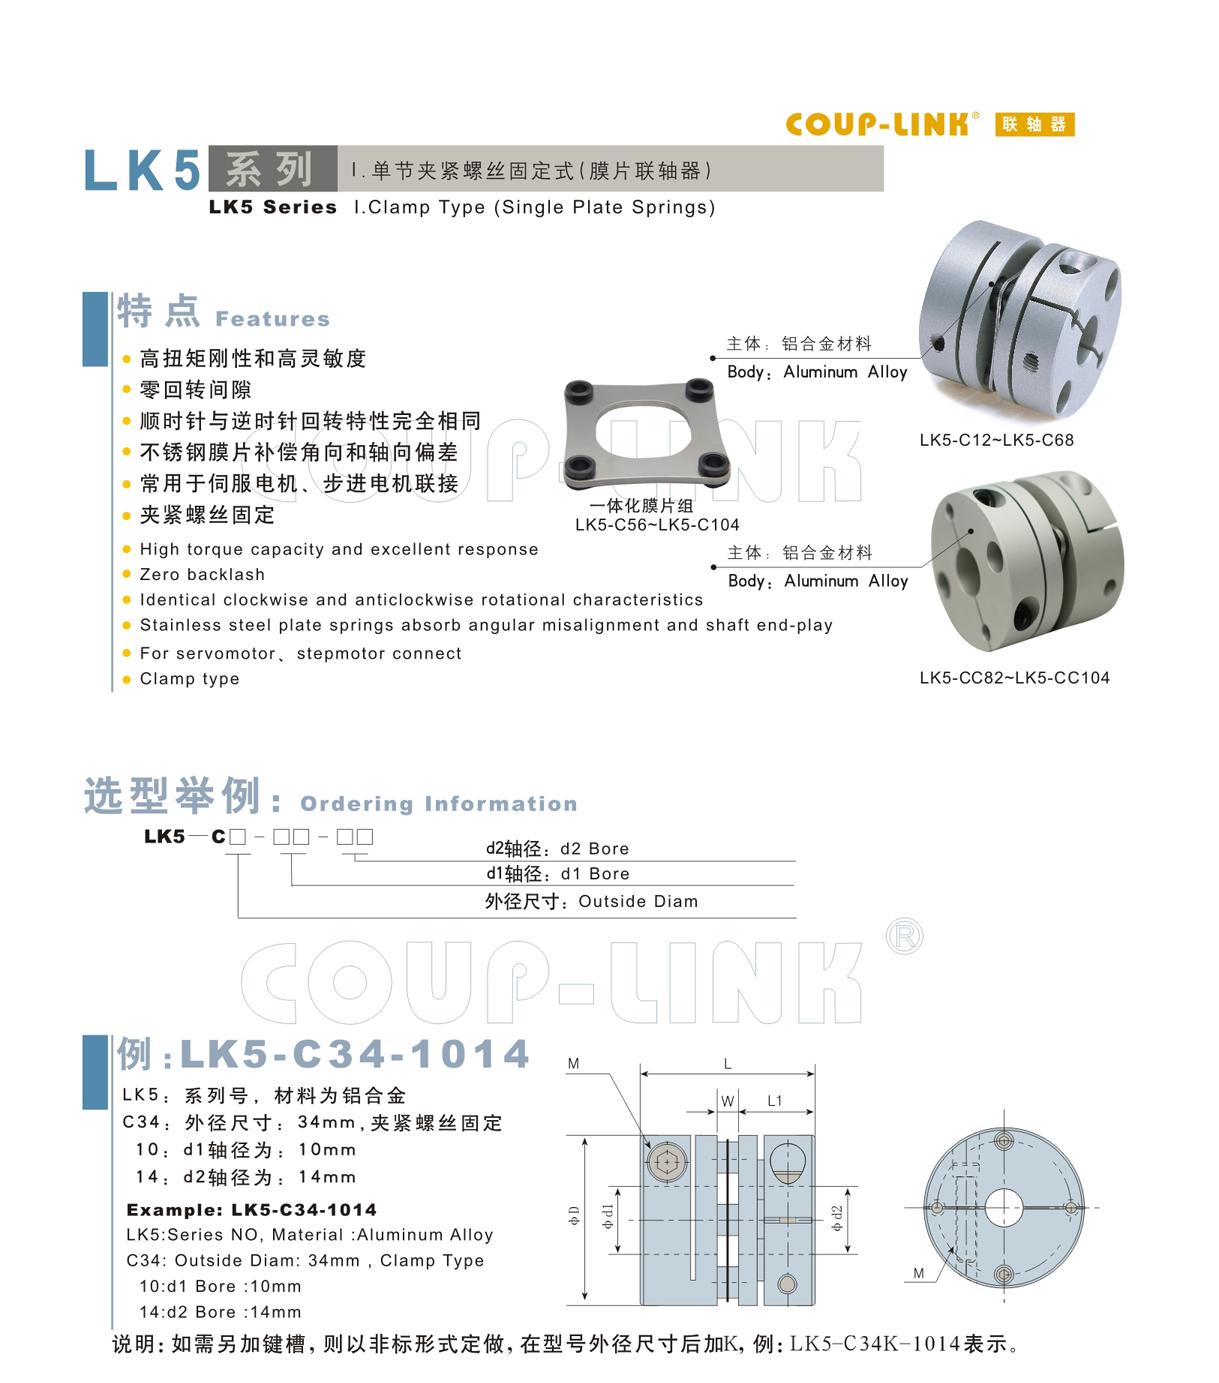 LK5系列 单节夹紧螺丝固定式(膜片联轴器)_联轴器种类-广州菱科自动化设备有限公司